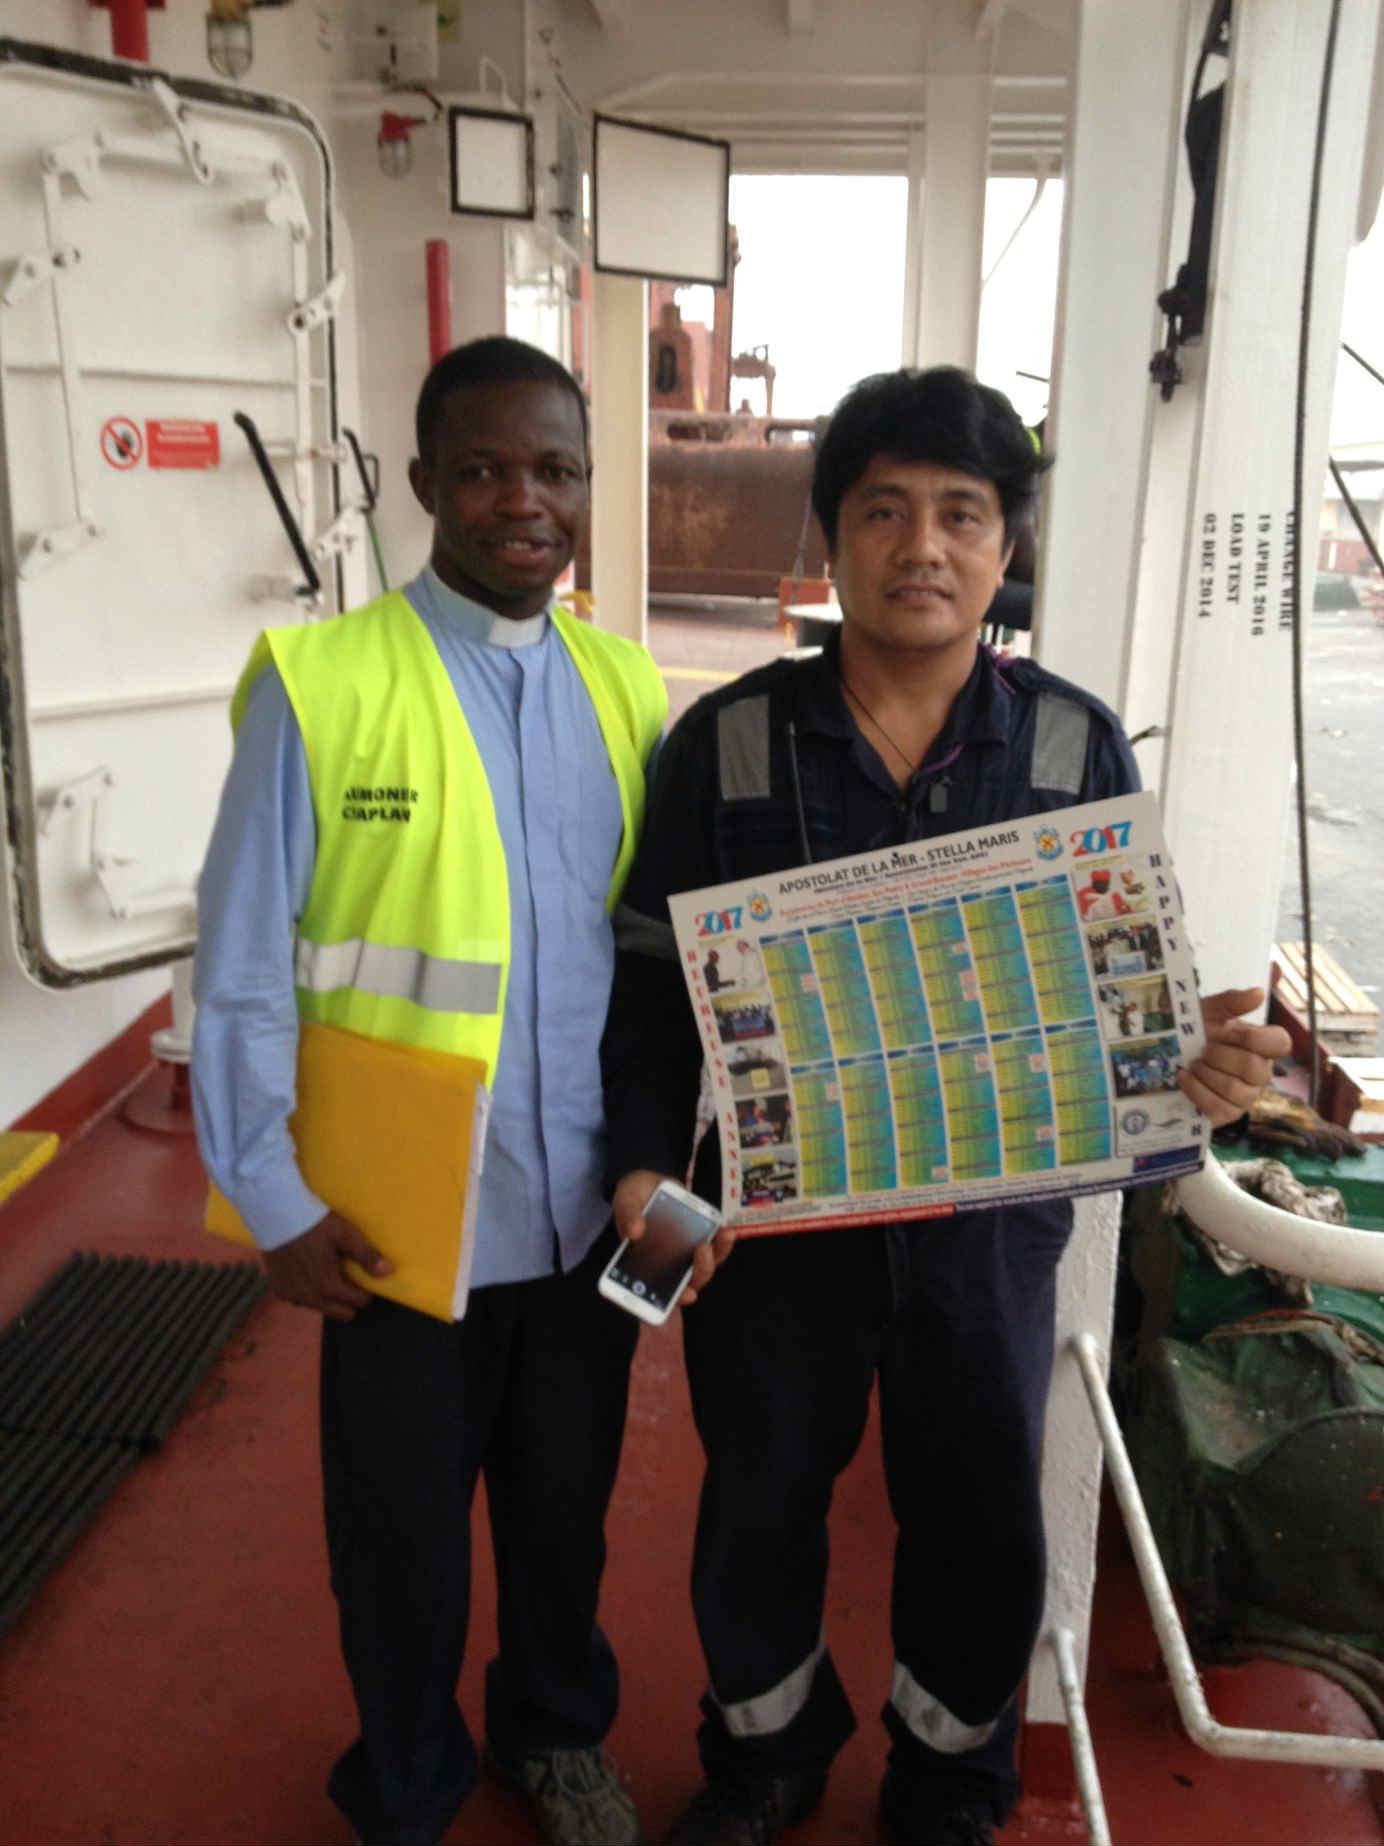 Le Calendrier 2017 de l'Apostolat de la mer en Côte d'Ivoire